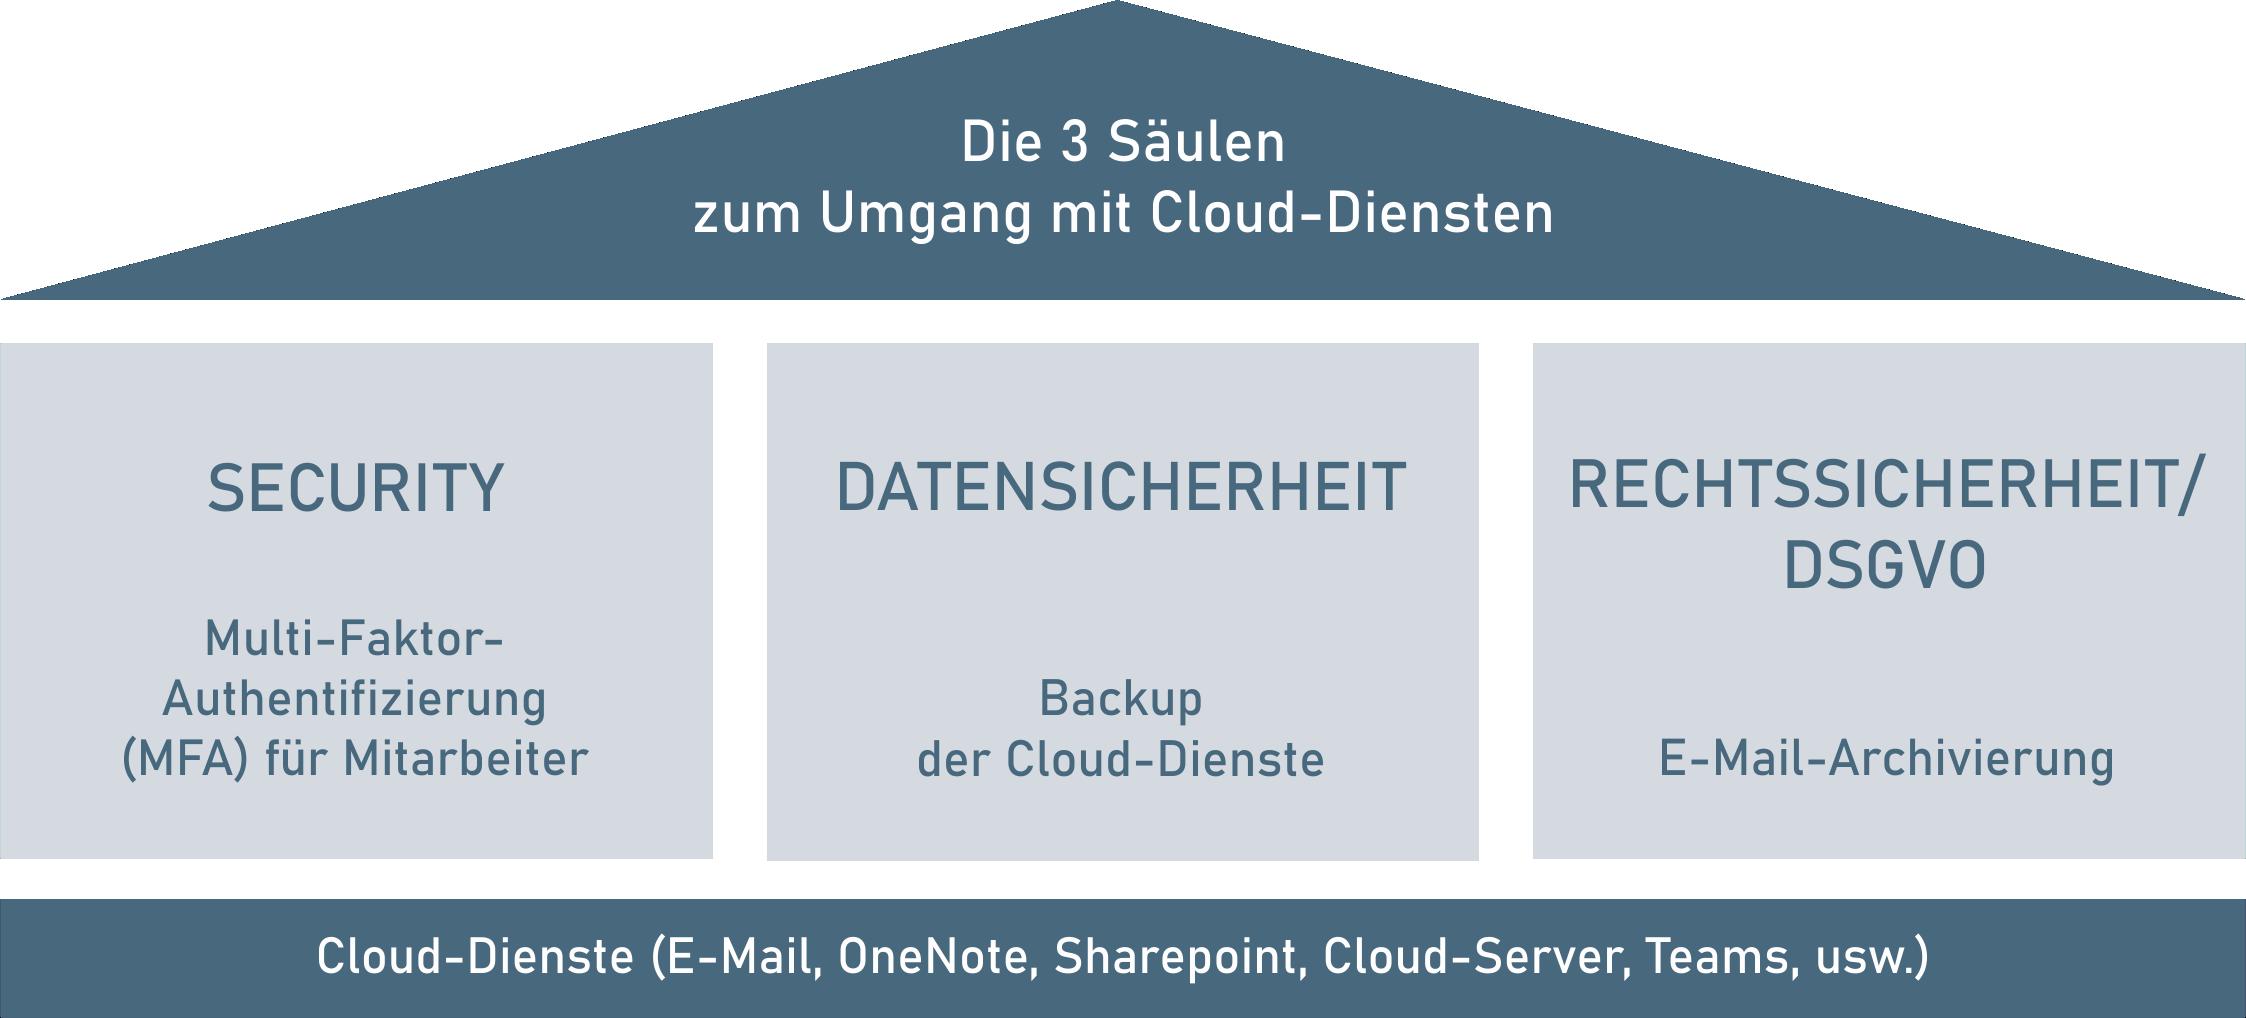 Drei Säulen zum Umgang mit Cloud-Diensten